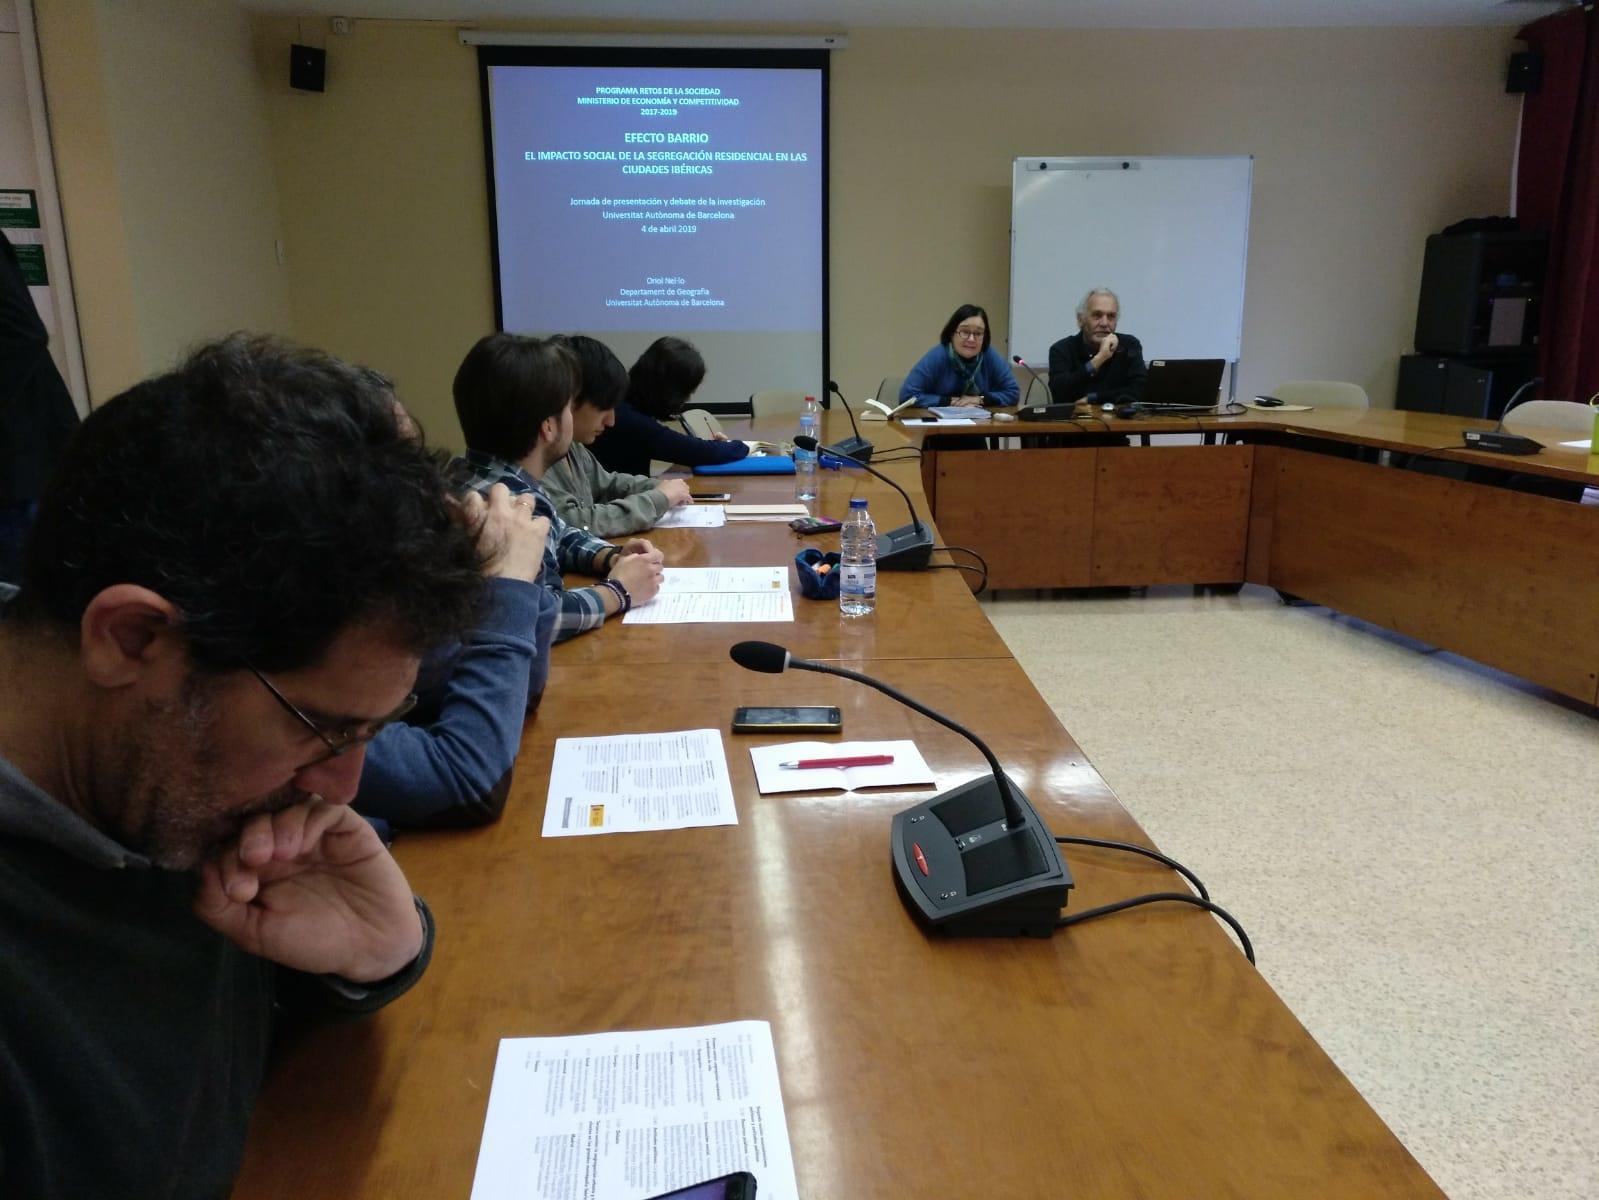 Oriol Nel·lo y Carme Miralles durante la presentación de la jornada de investogación 'Efecto barrio'